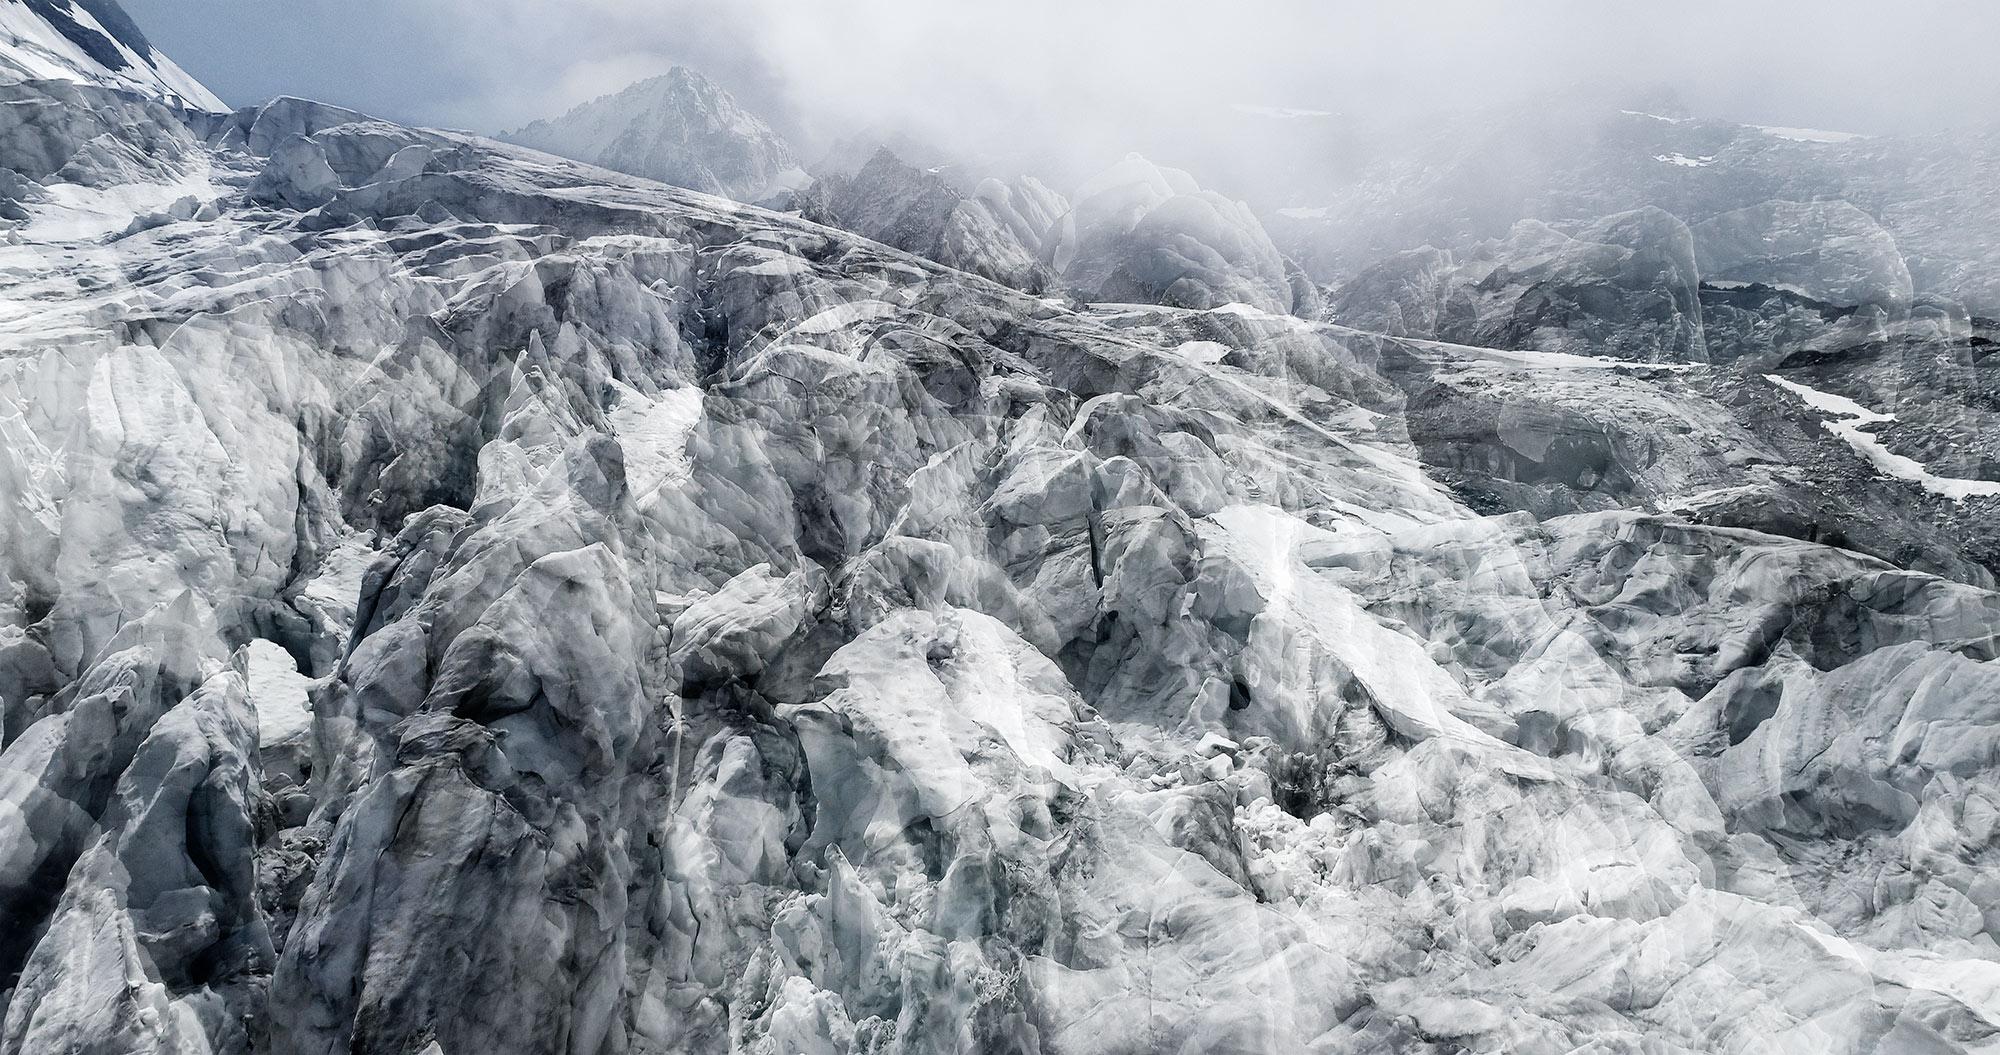 #70 Glaciers offset, 2017, photographie reconstruite à partir de bandes videos, réalisées sur les glaciers du Tour et des Follâts  #70 Glaciers offset, 2017, photographie reconstruite à partir de bandes videos, réalisées sur les glaciers du Tour et des Follâts